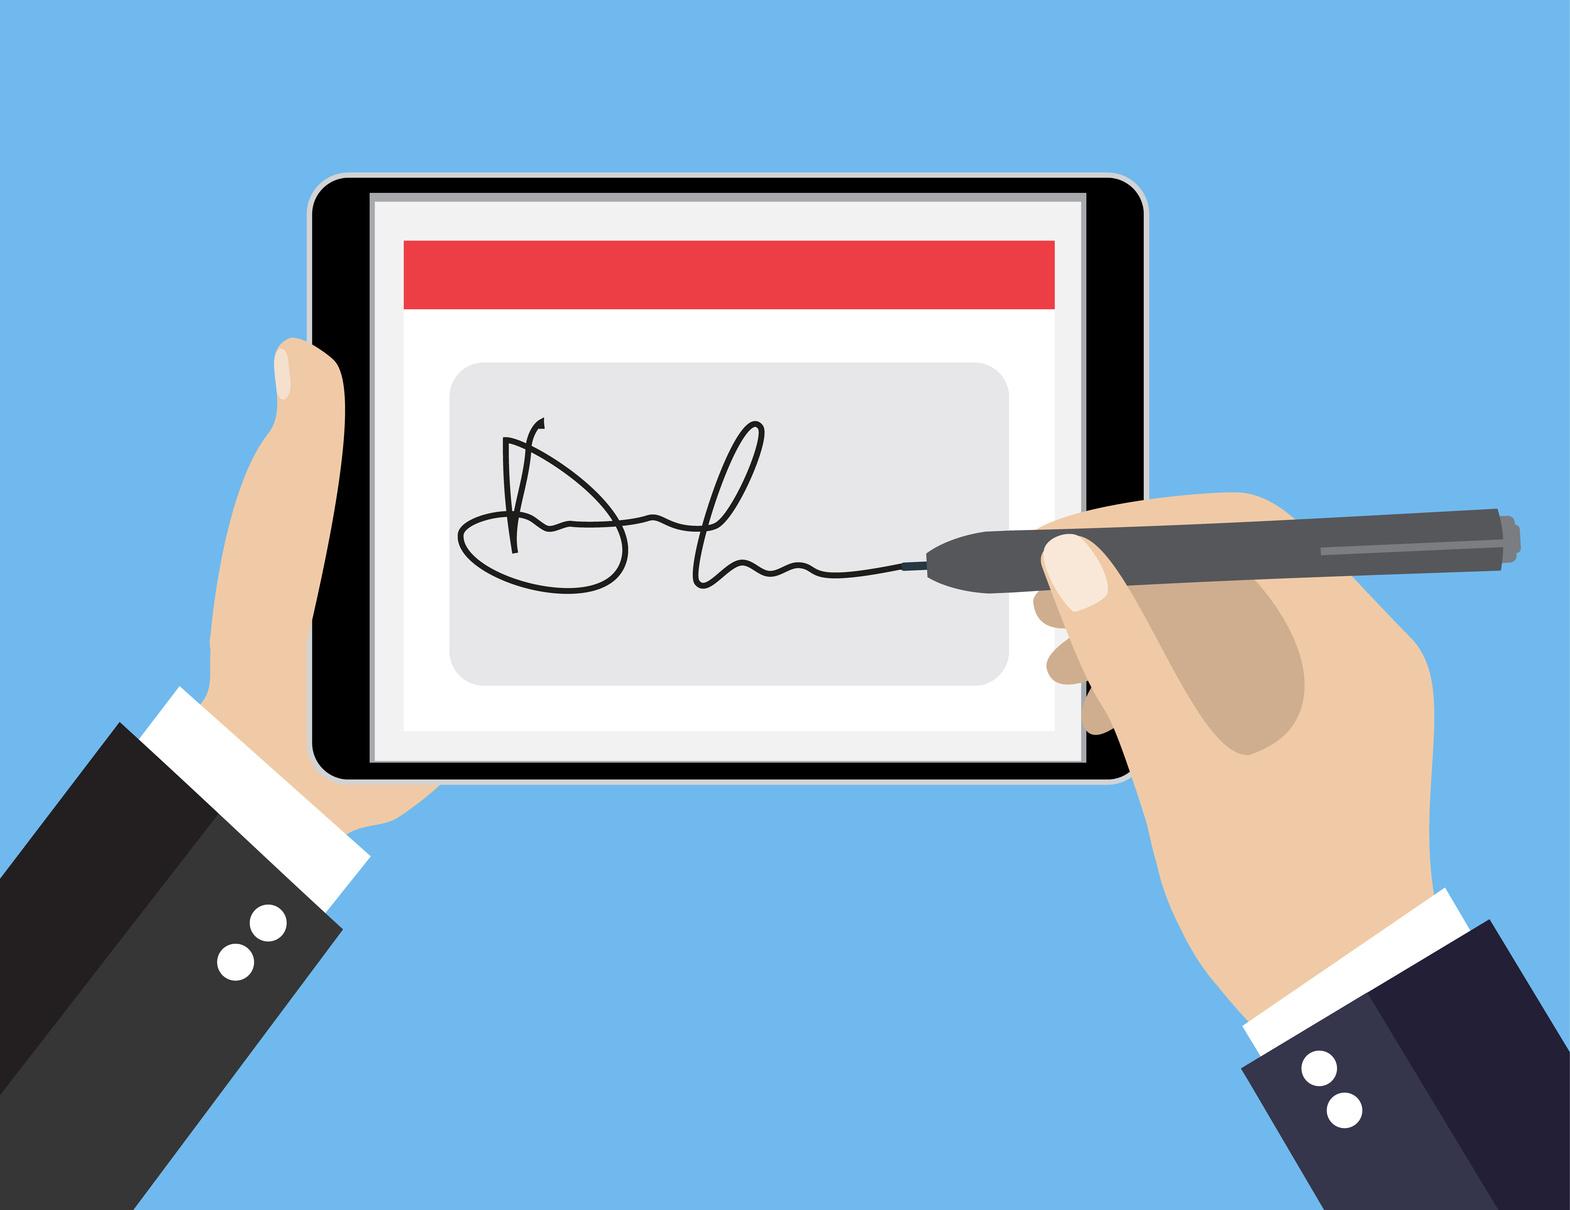 Confiance numérique: que doit-on attendre du règlement eIDAS?